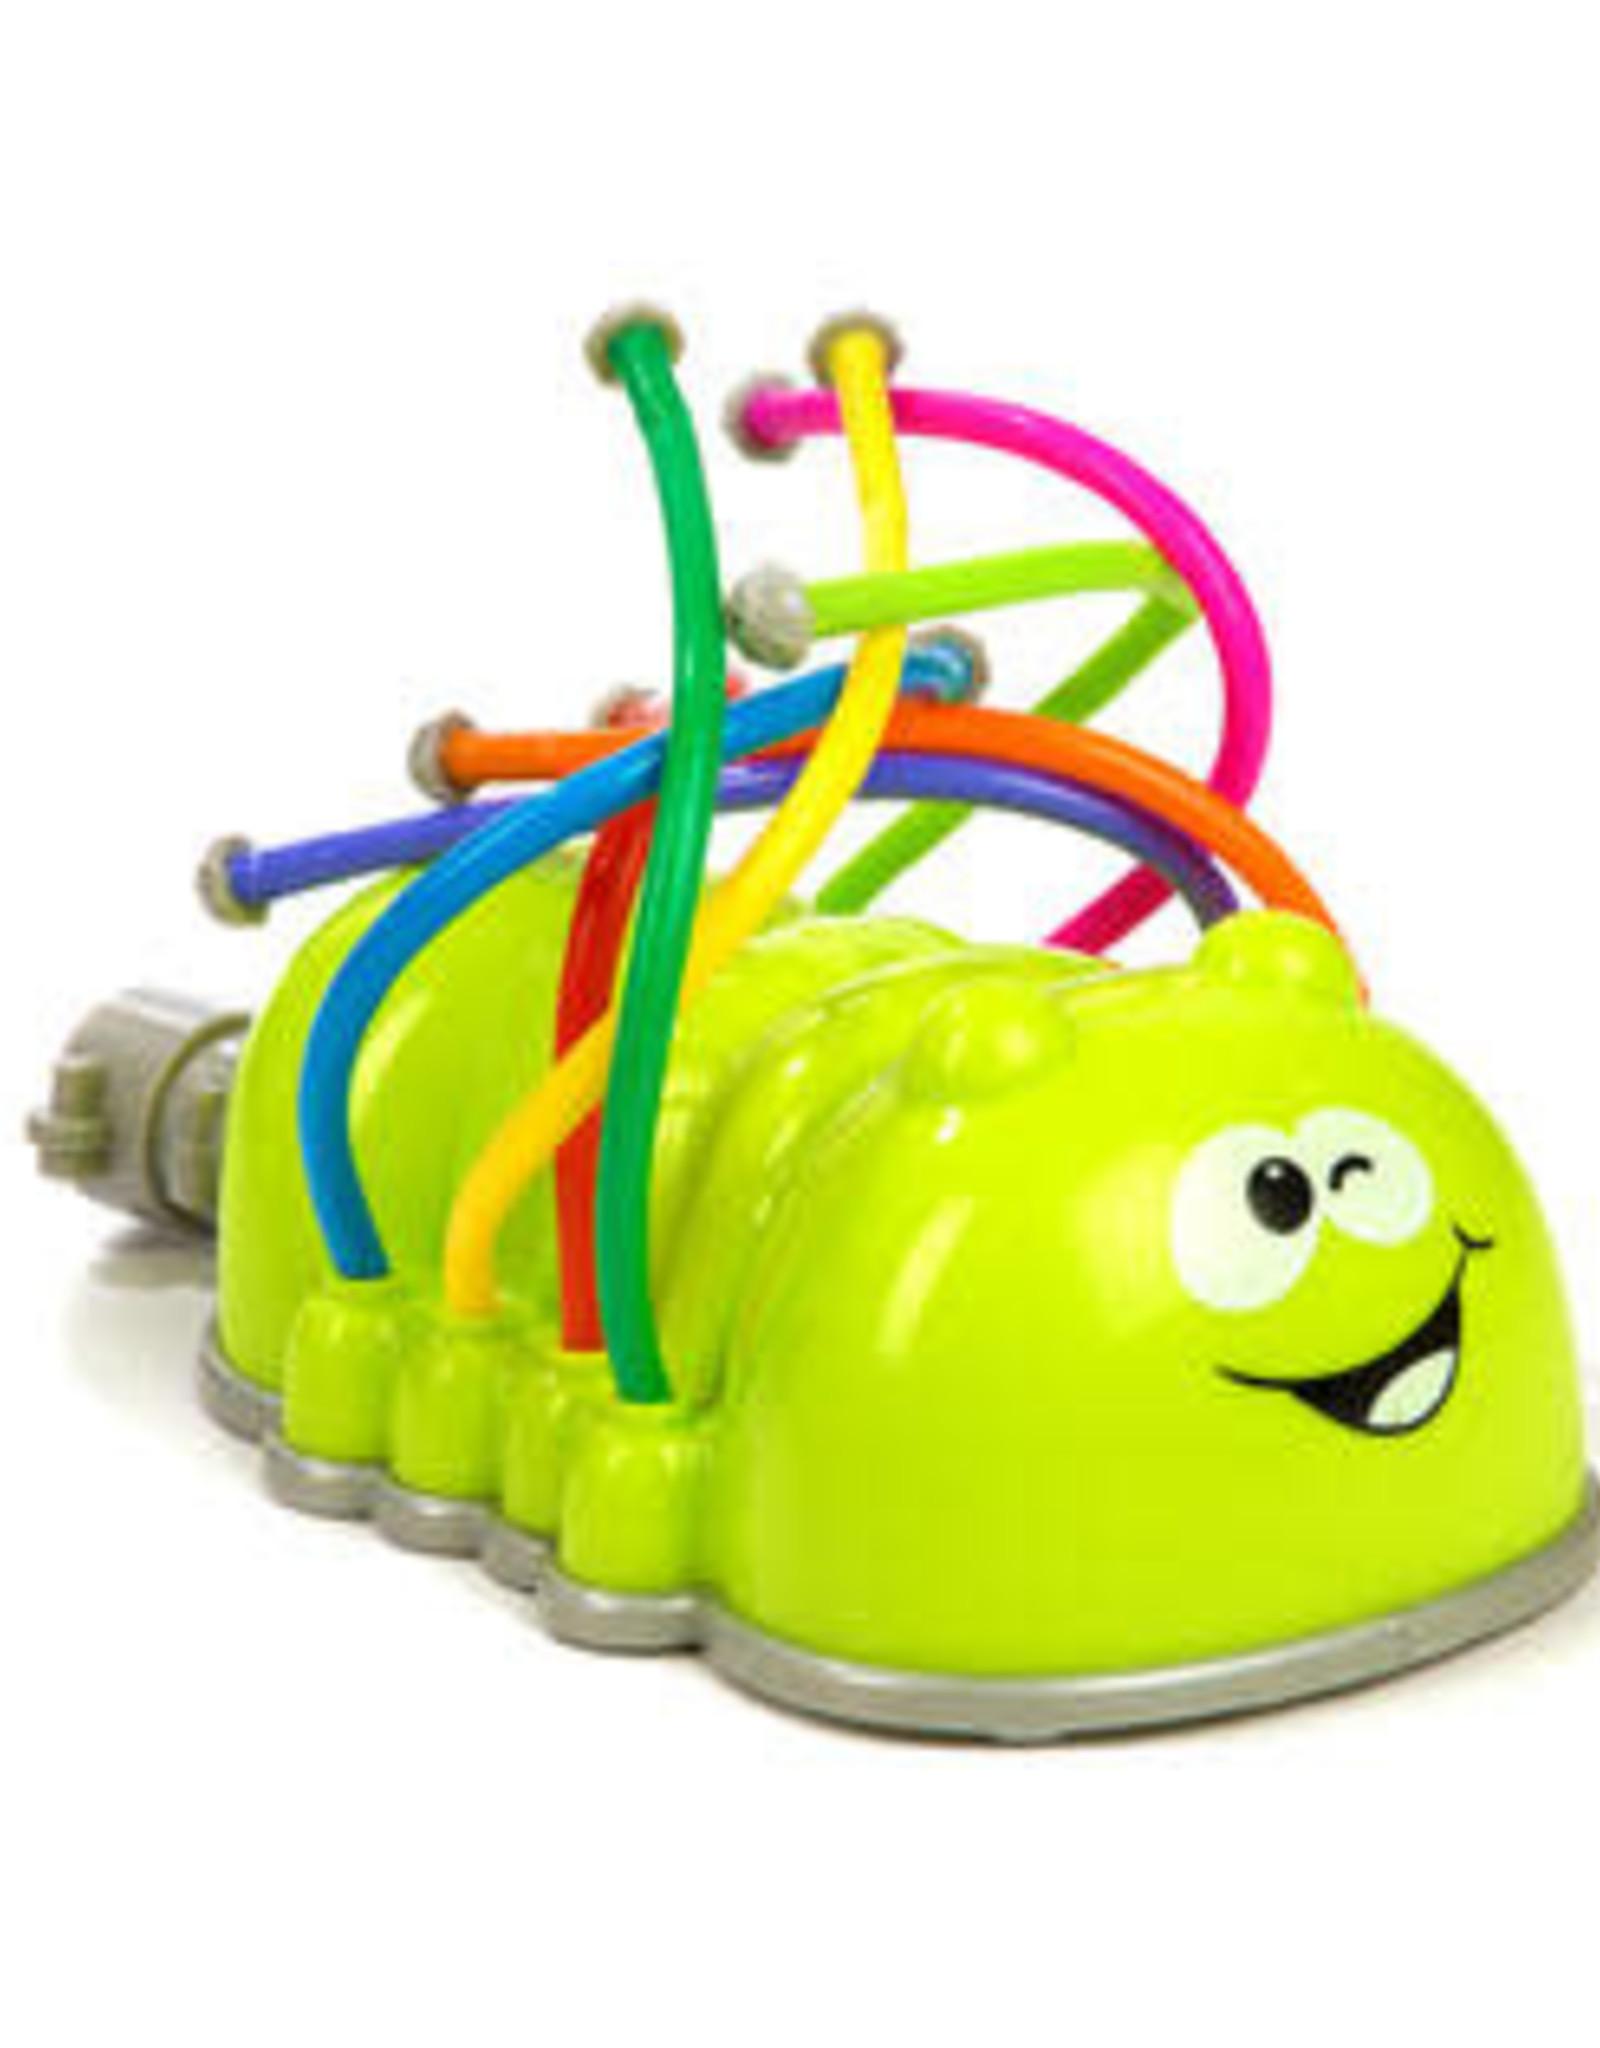 Kidoozie Crazy Caterpillar Sprinkler